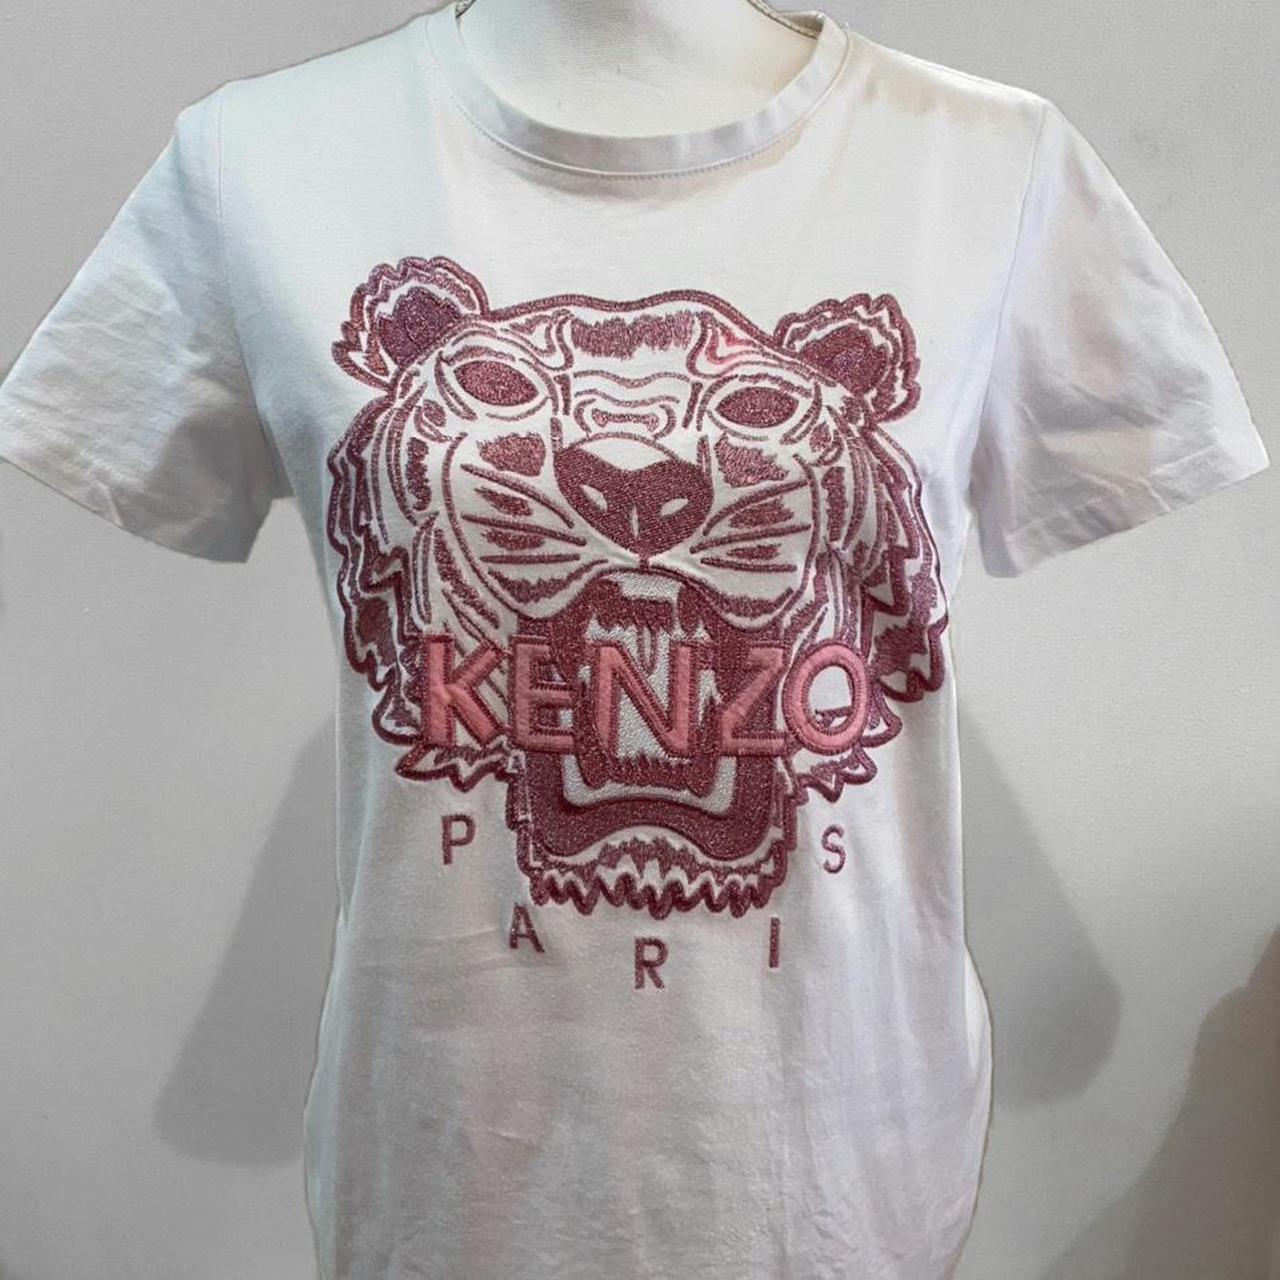 Product Image 1 - KENZO women's shirt Size Large  •Fits